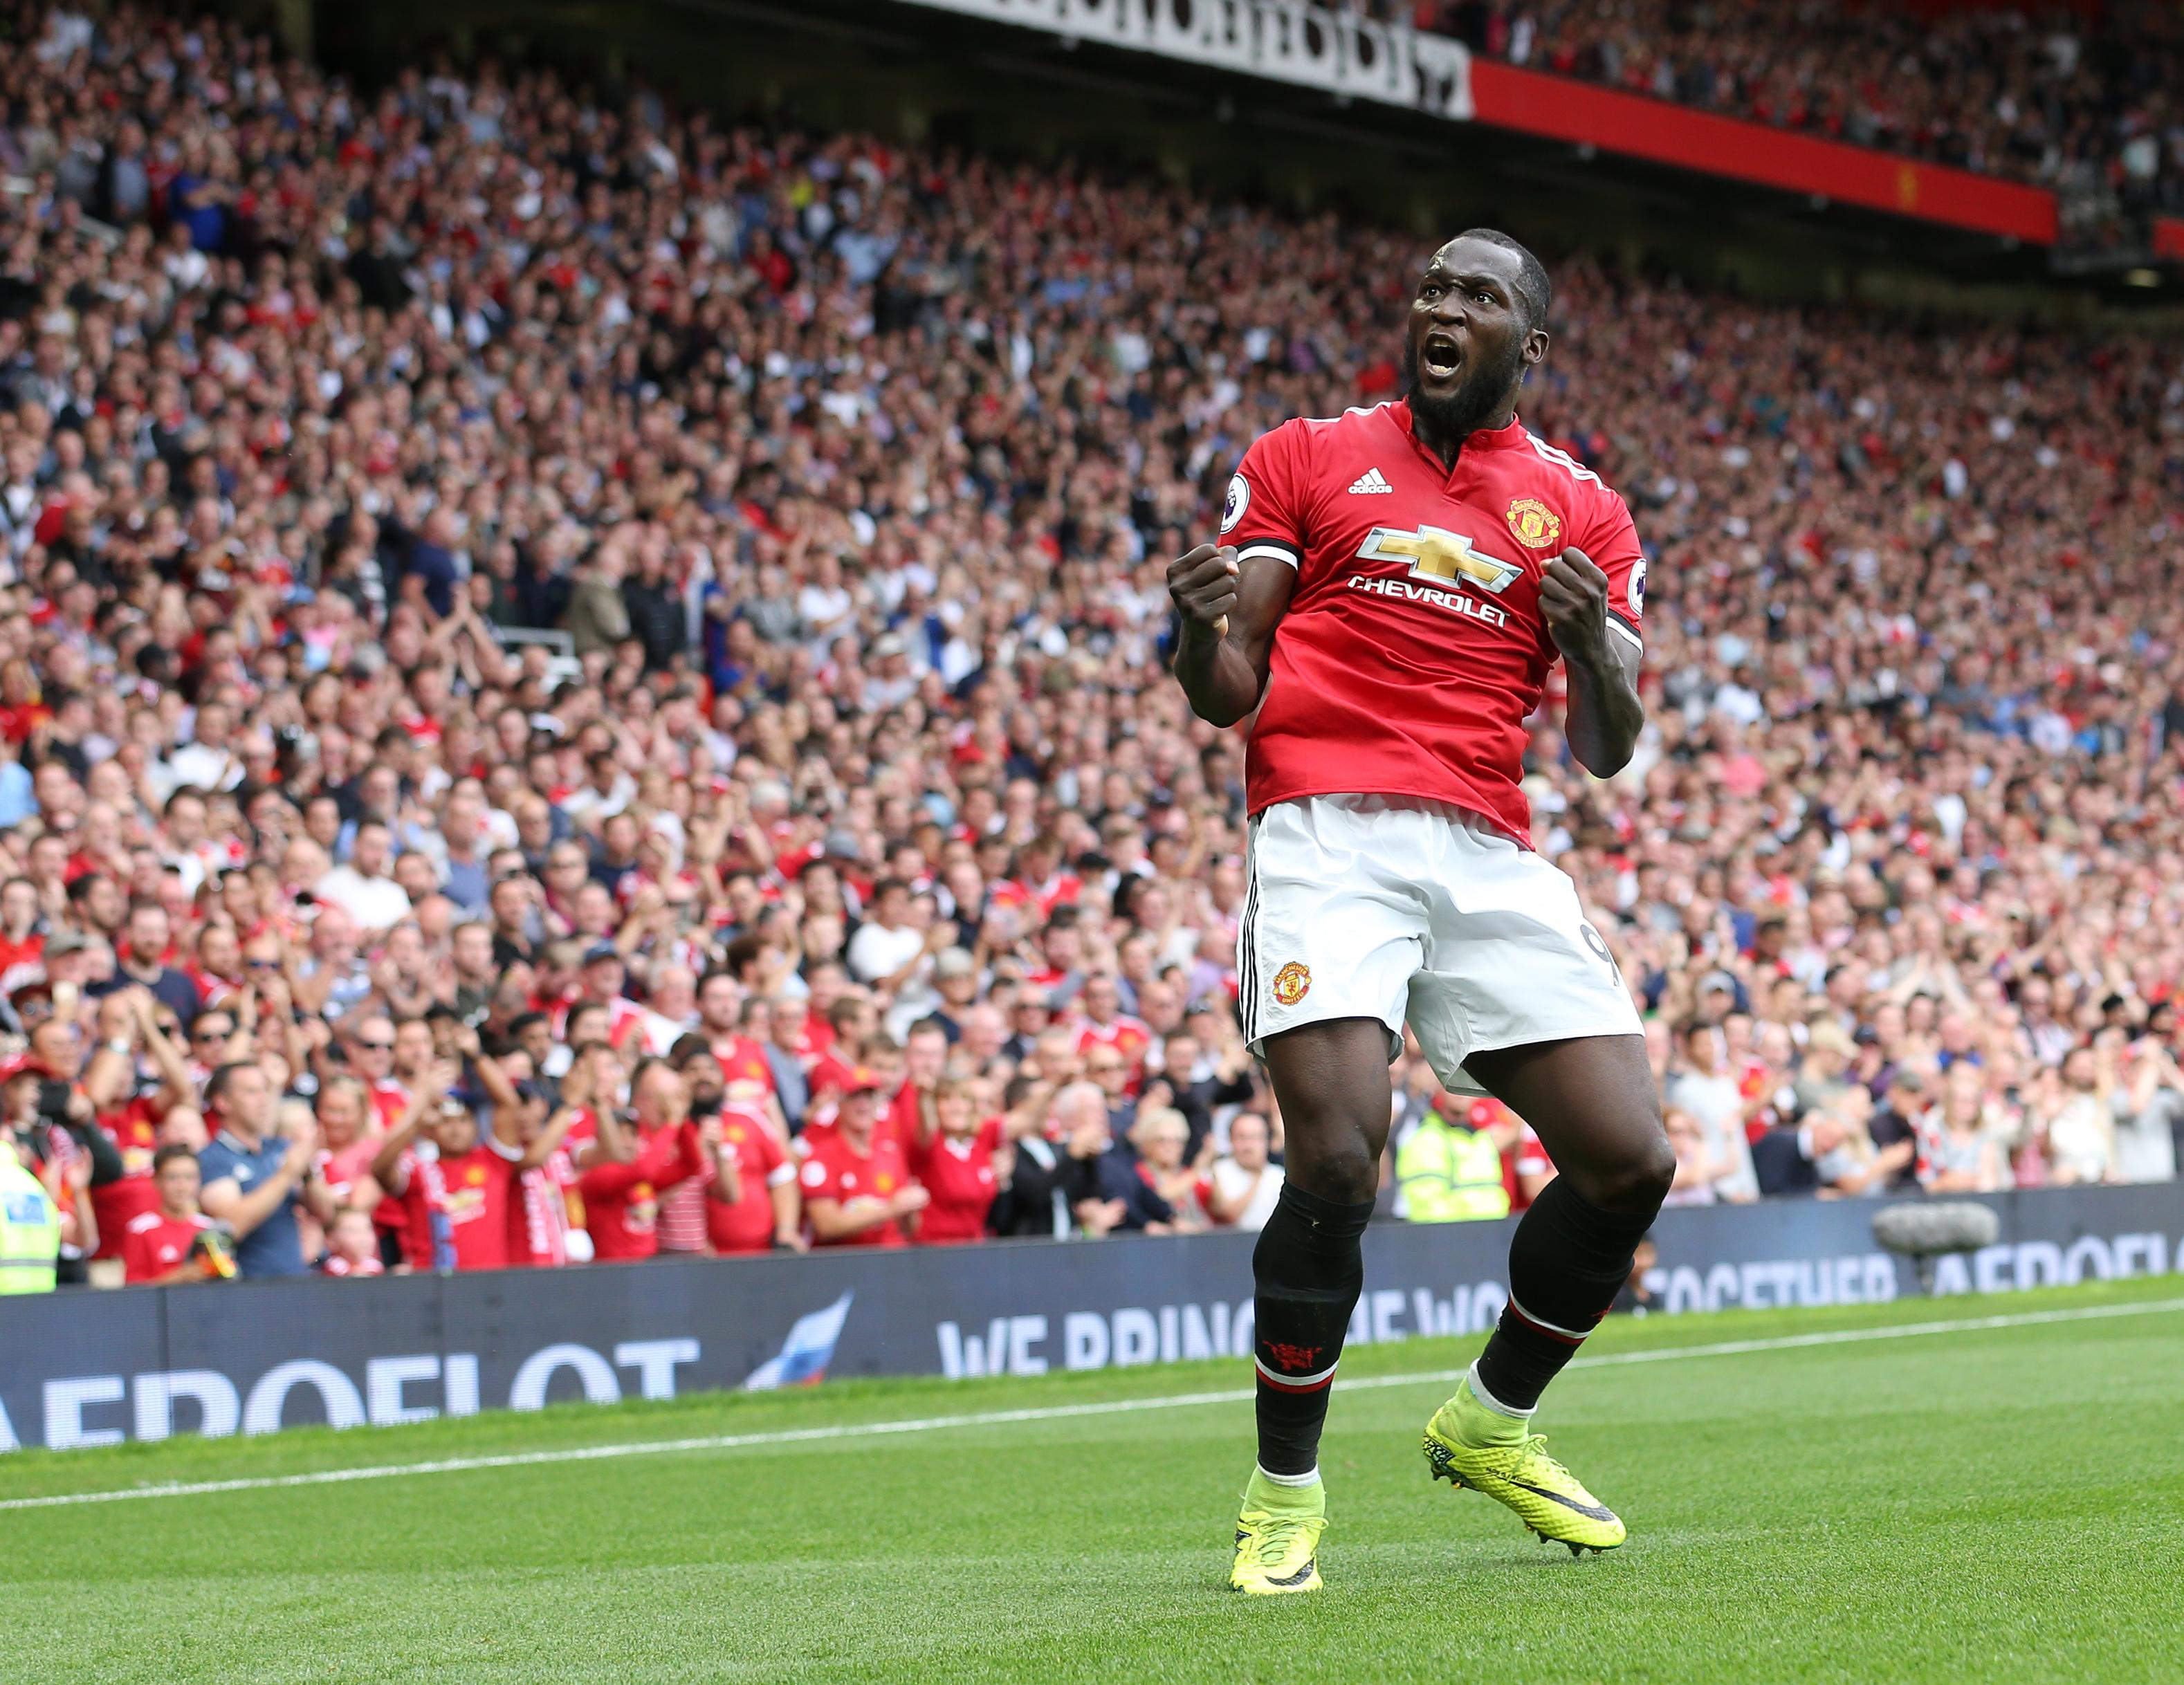 Football - Etranger - Manchester United : Lukaku, machine à buts